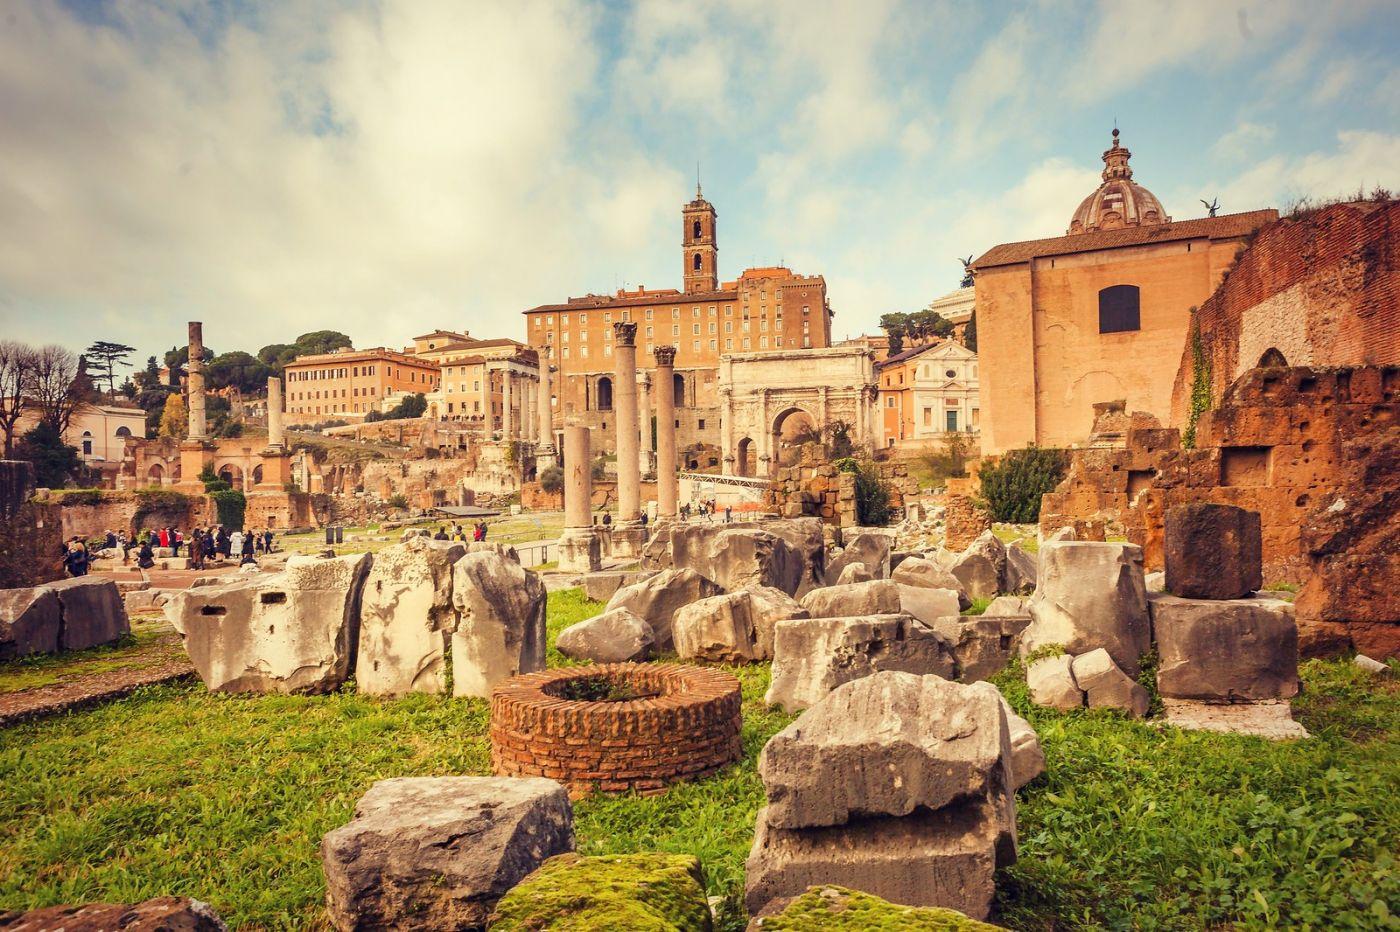 意大利罗马论坛,很敬佩_图1-1